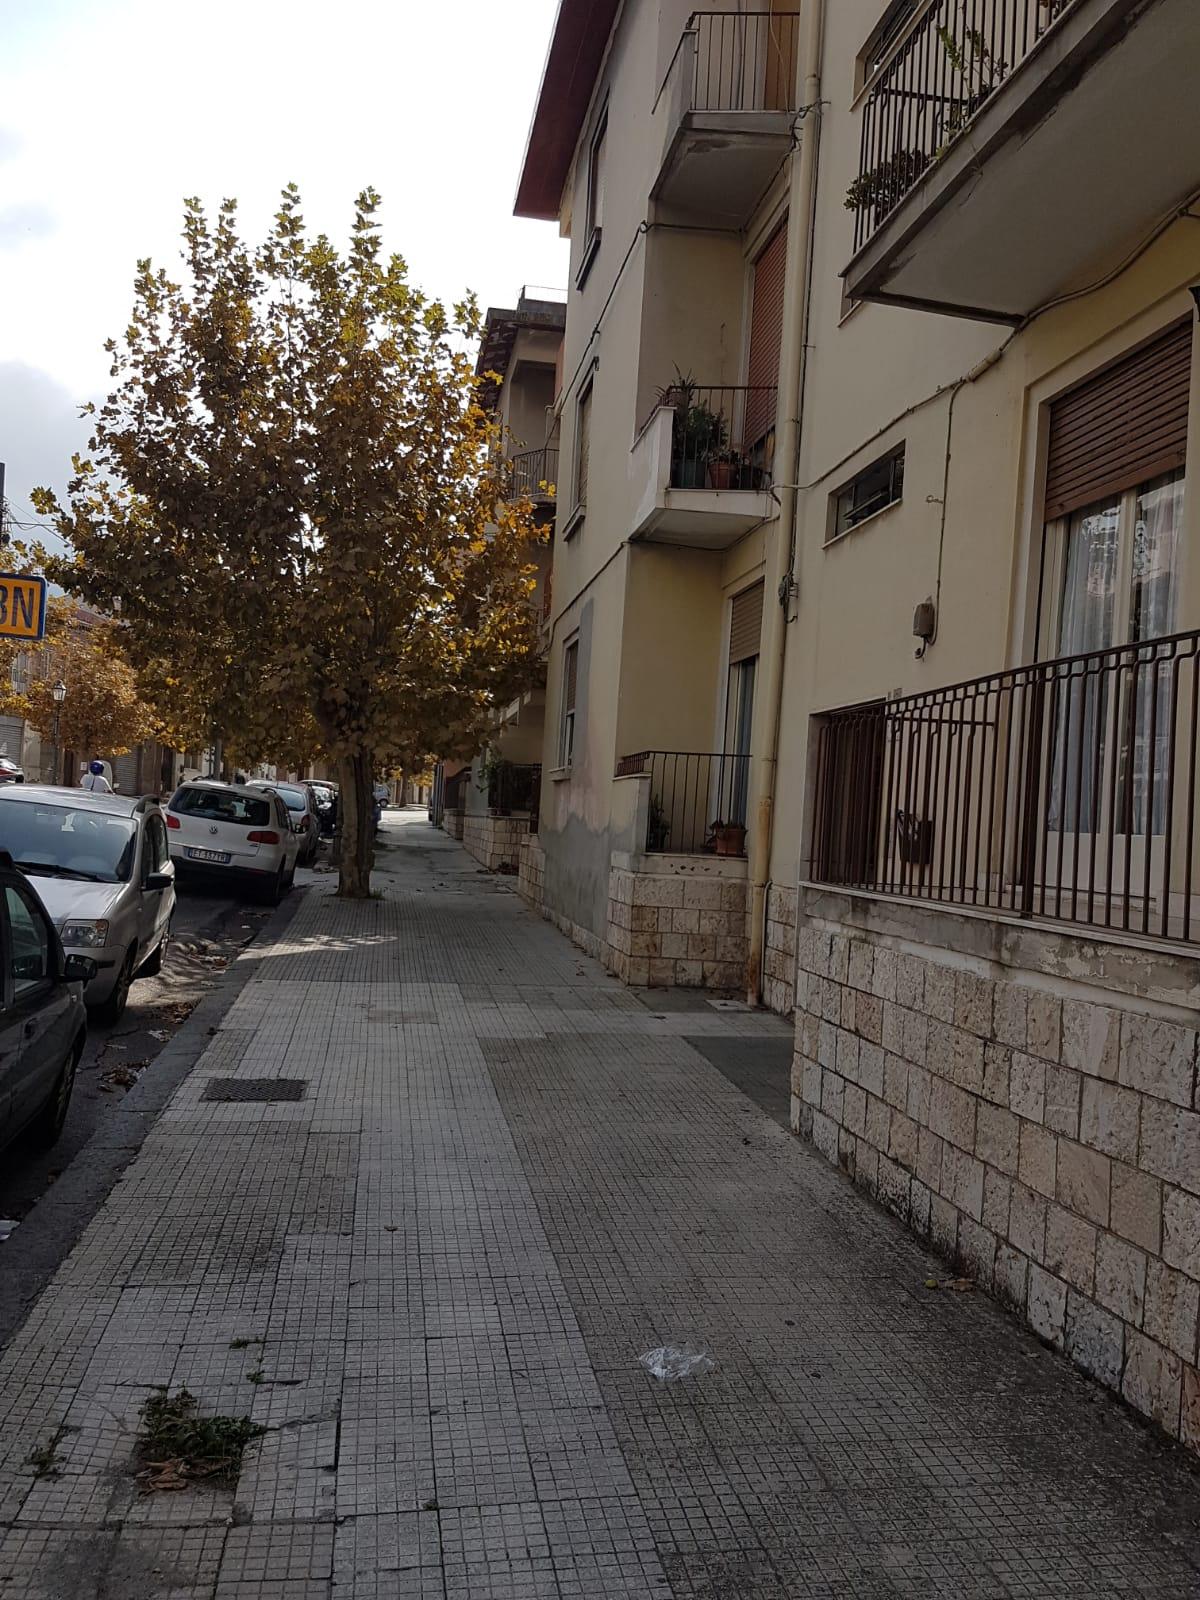 Appartamento in vendita a Barcellona Pozzo di Gotto, 5 locali, zona Località: UmbertoI, prezzo € 100.000 | PortaleAgenzieImmobiliari.it